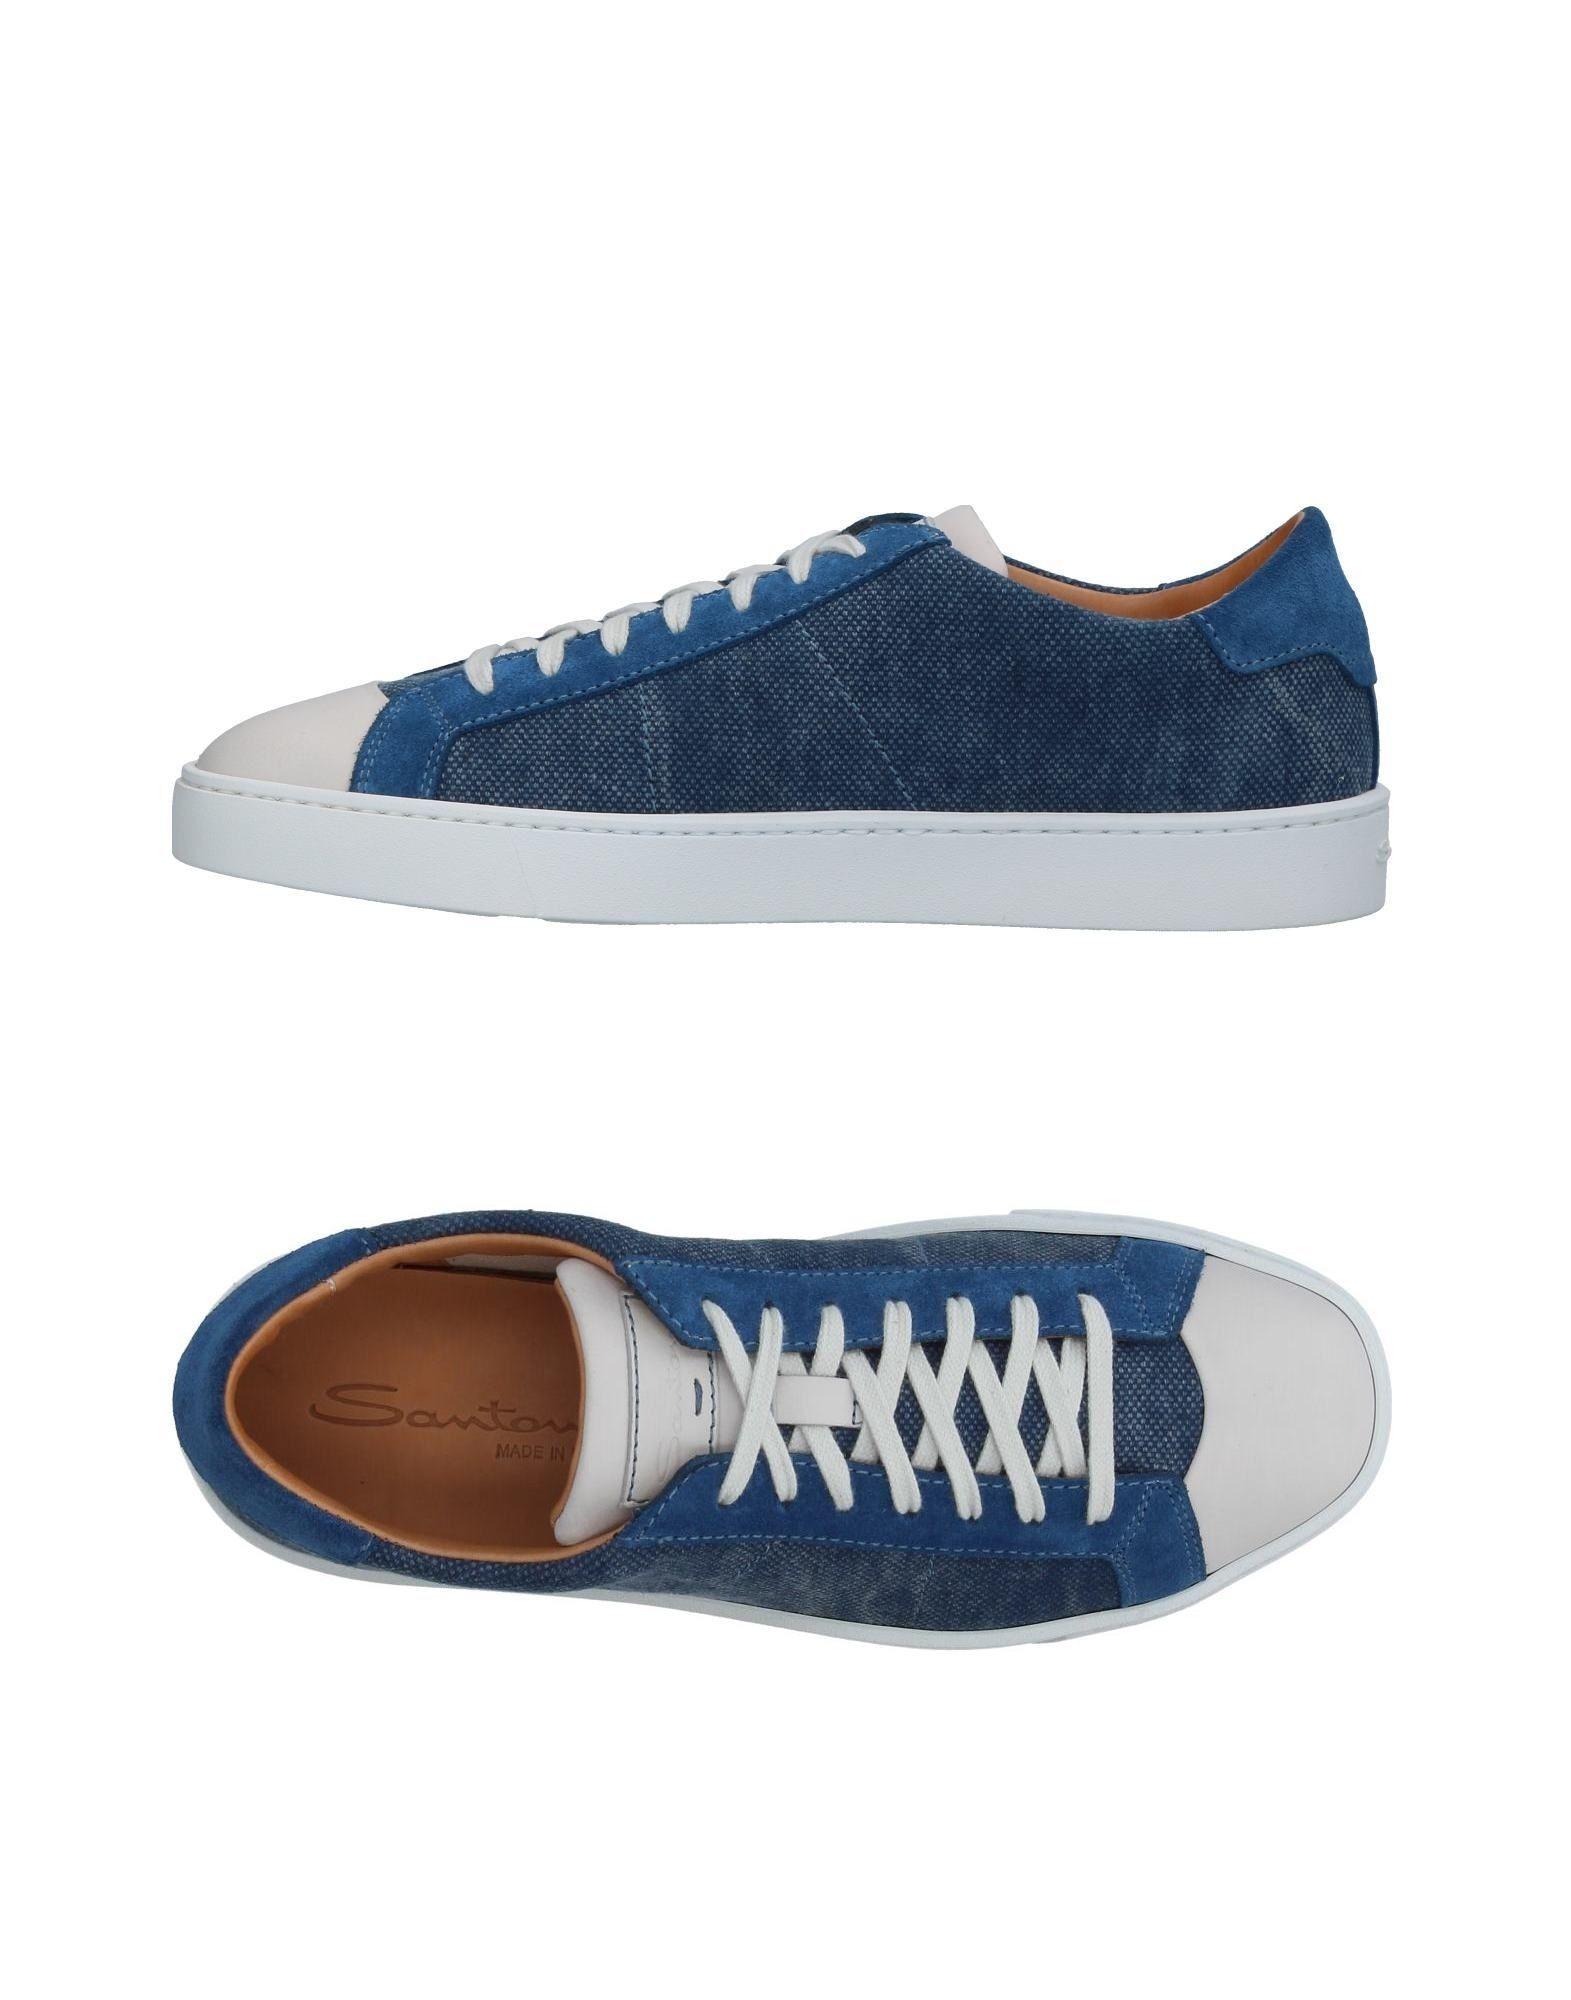 Santoni Sneakers Herren  11409420FA Gute Qualität beliebte Schuhe